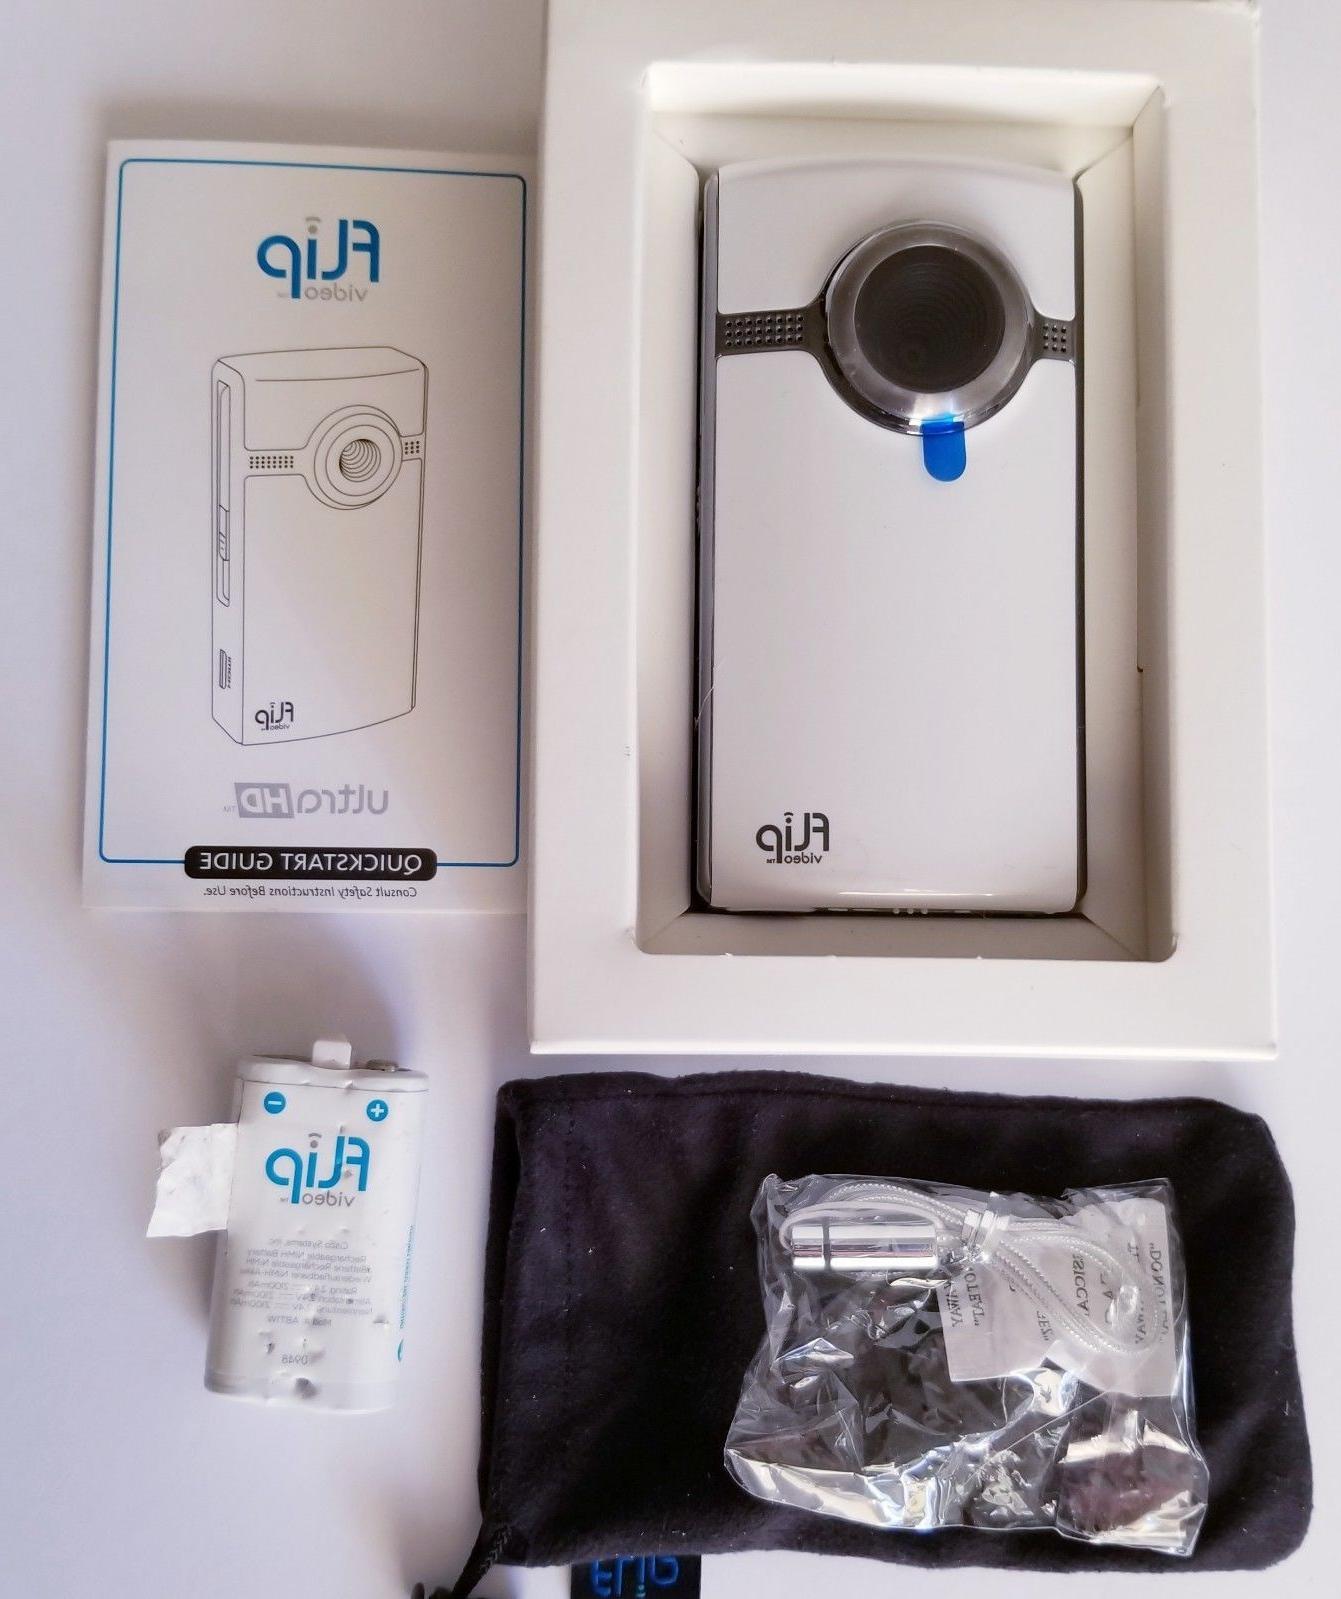 box camera ultrahd u2120w 8gb records new